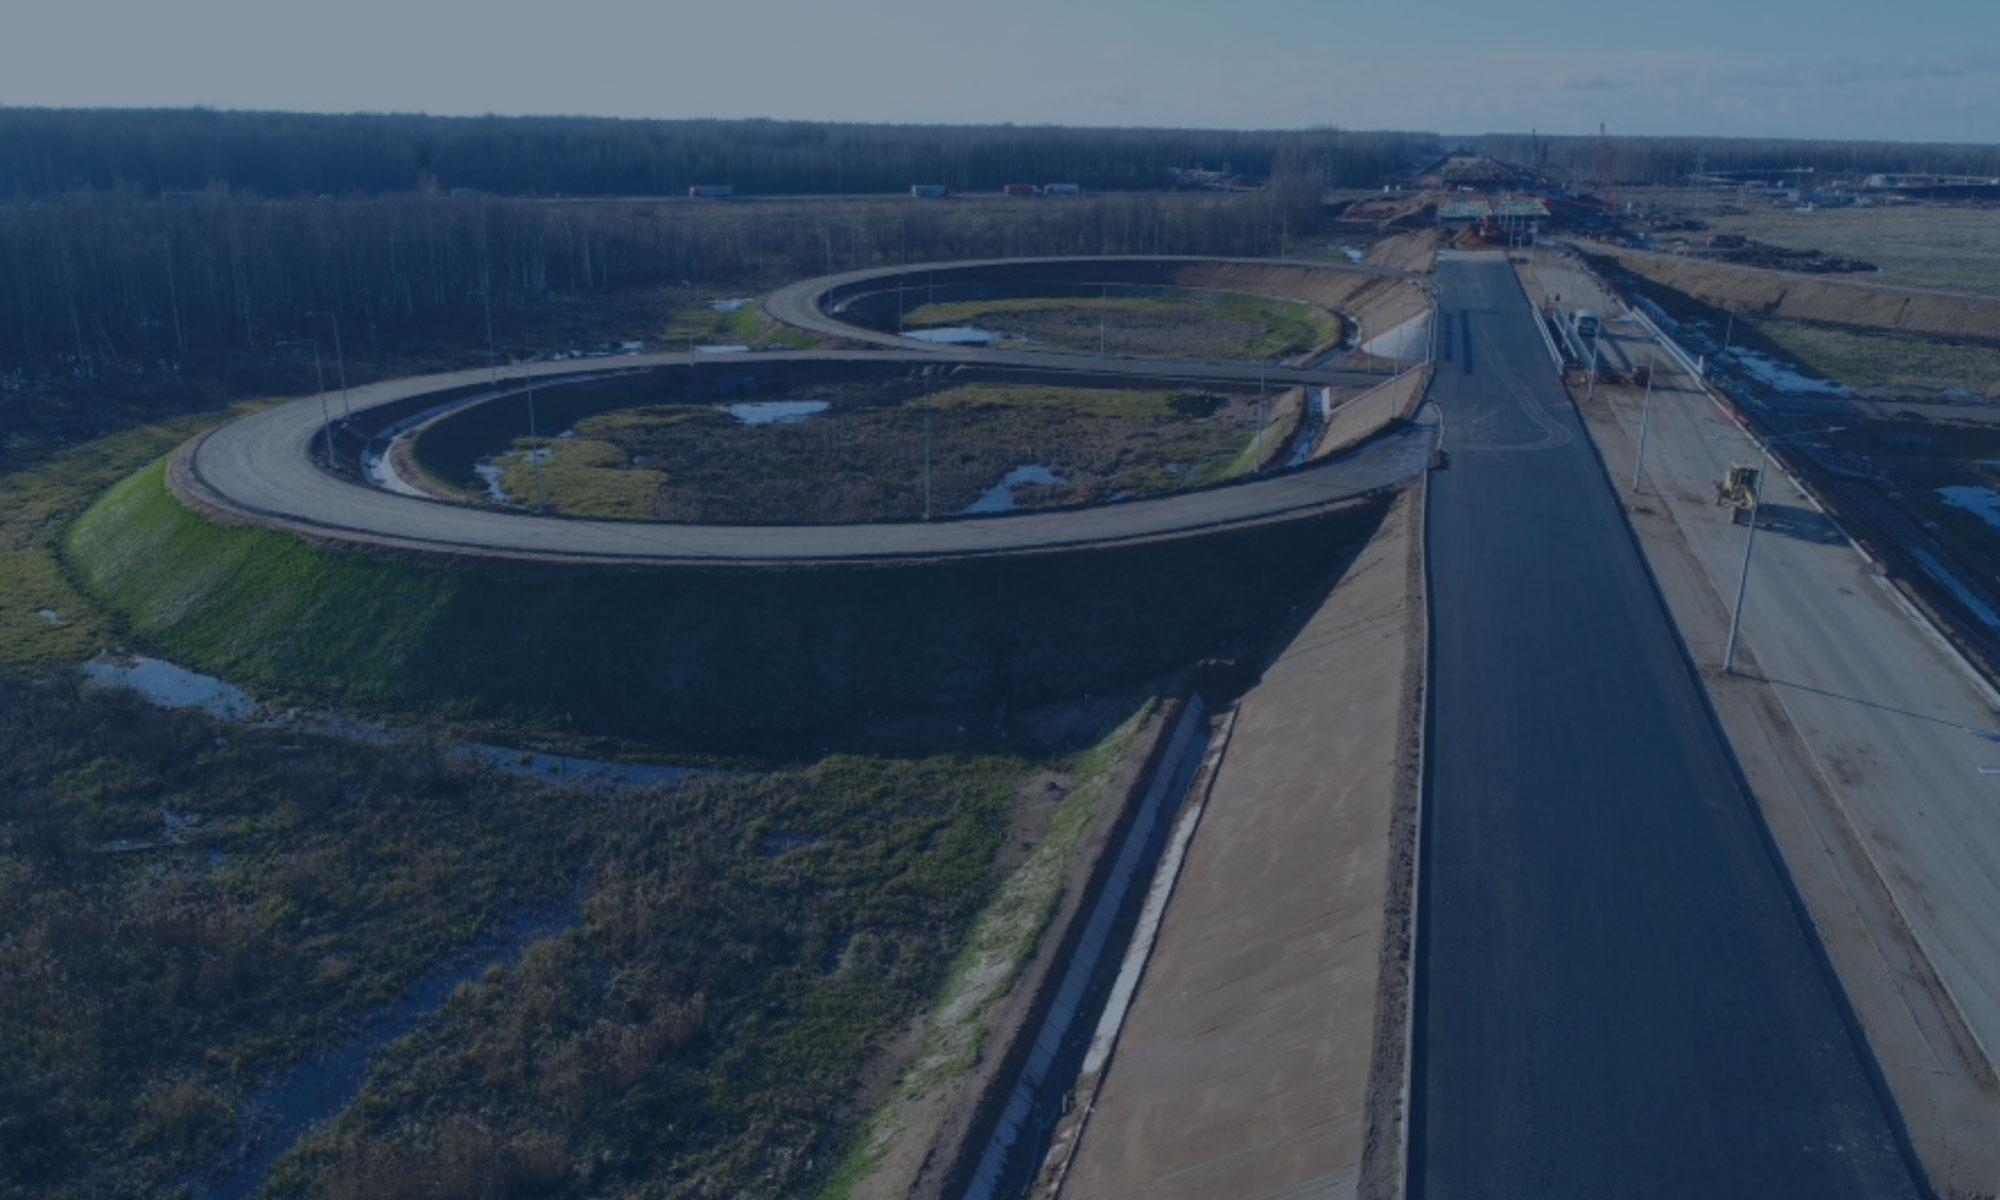 Строительство скоростной автомобильной дороги Москва – Санкт-Петербург на участке км 58 – км 684